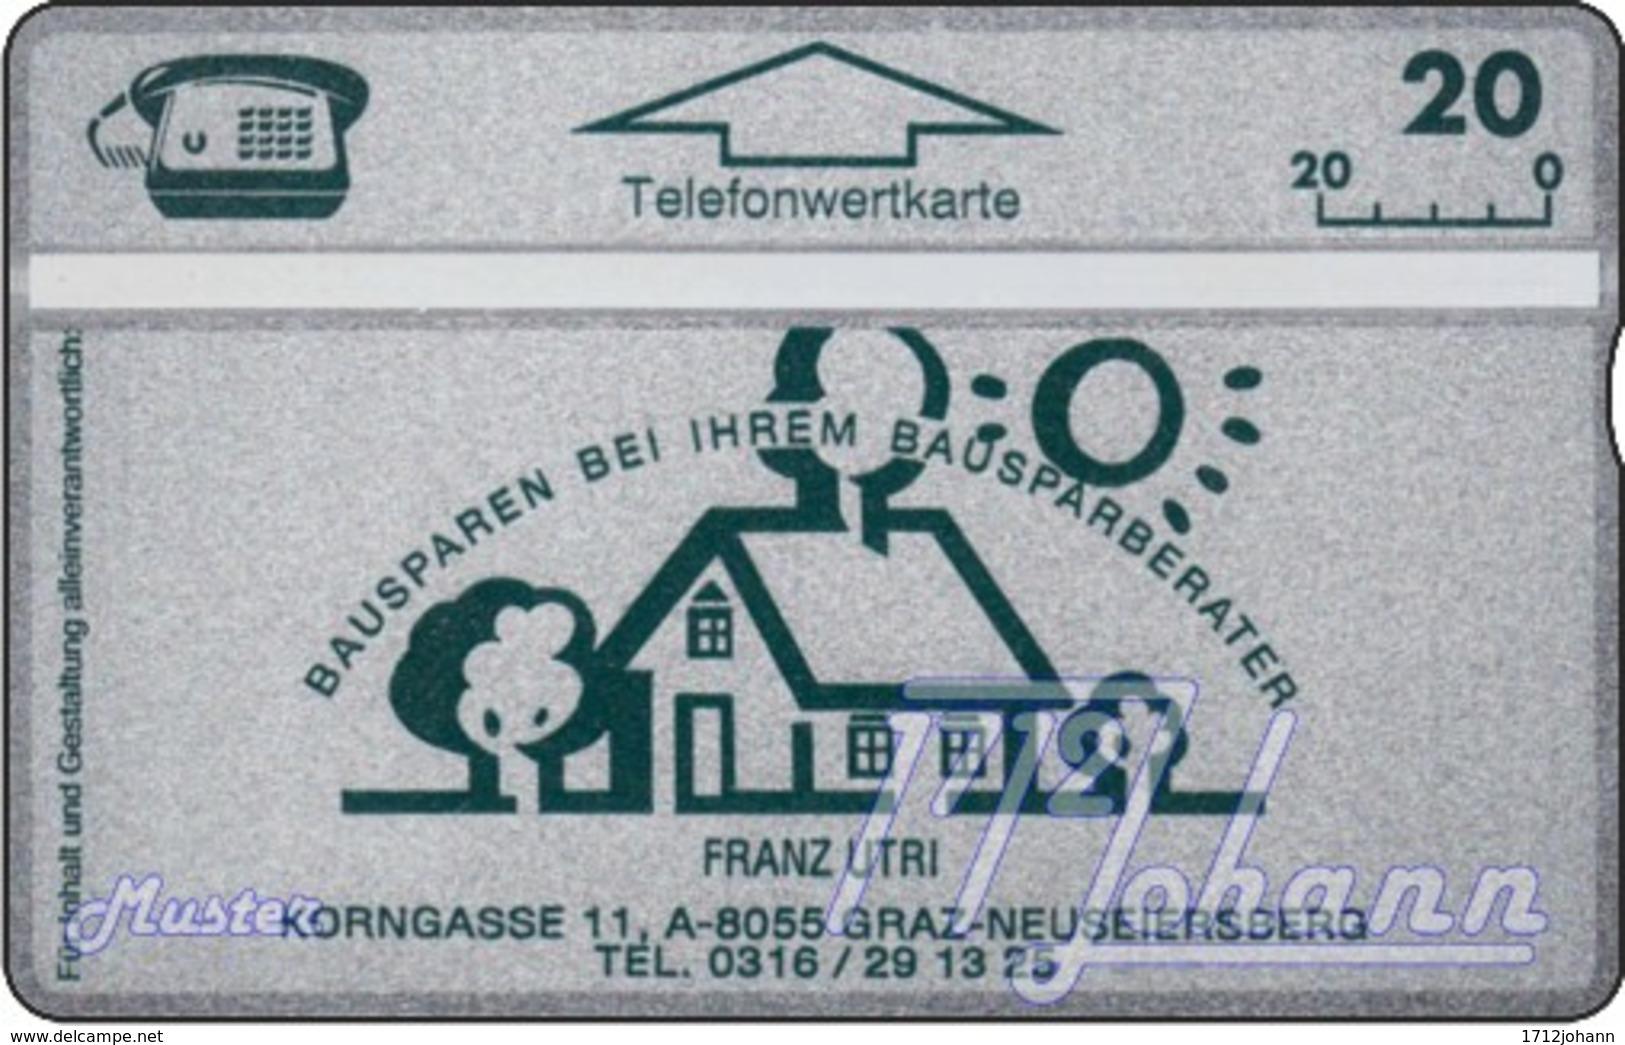 AUSTRIA Private: *Utri - Bausparen* - SAMPLE [ANK P259M] - Oesterreich